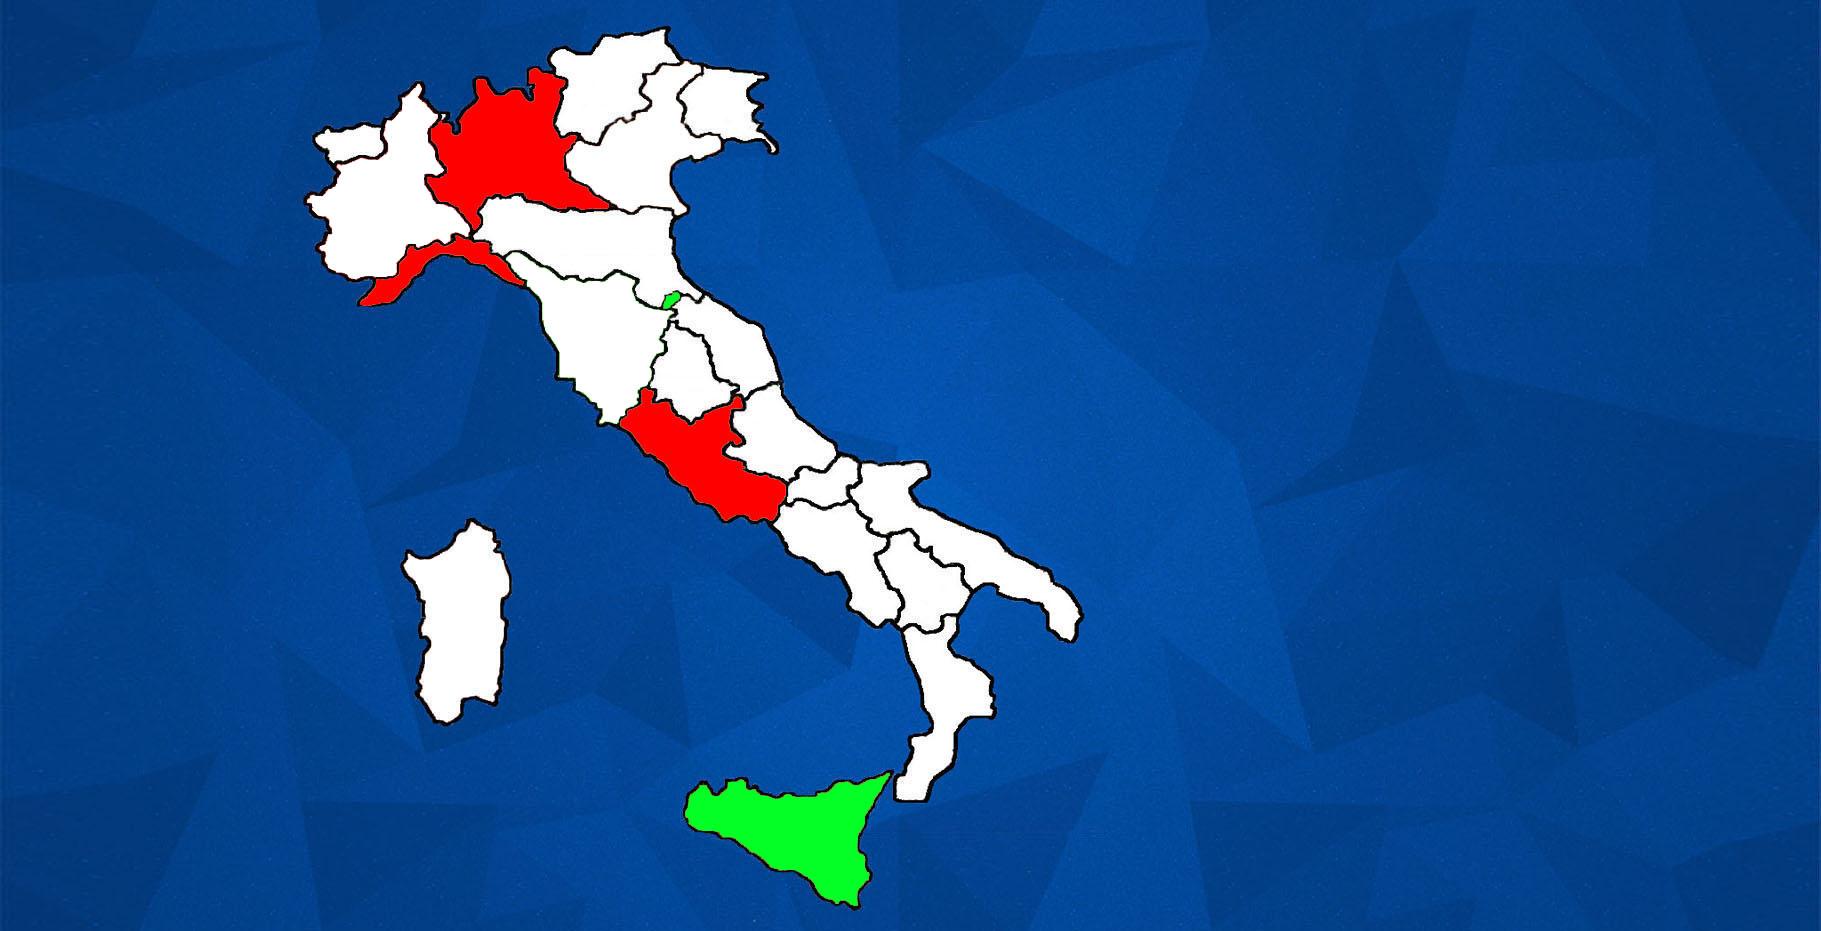 CIR JUNIOR ITALY MAP